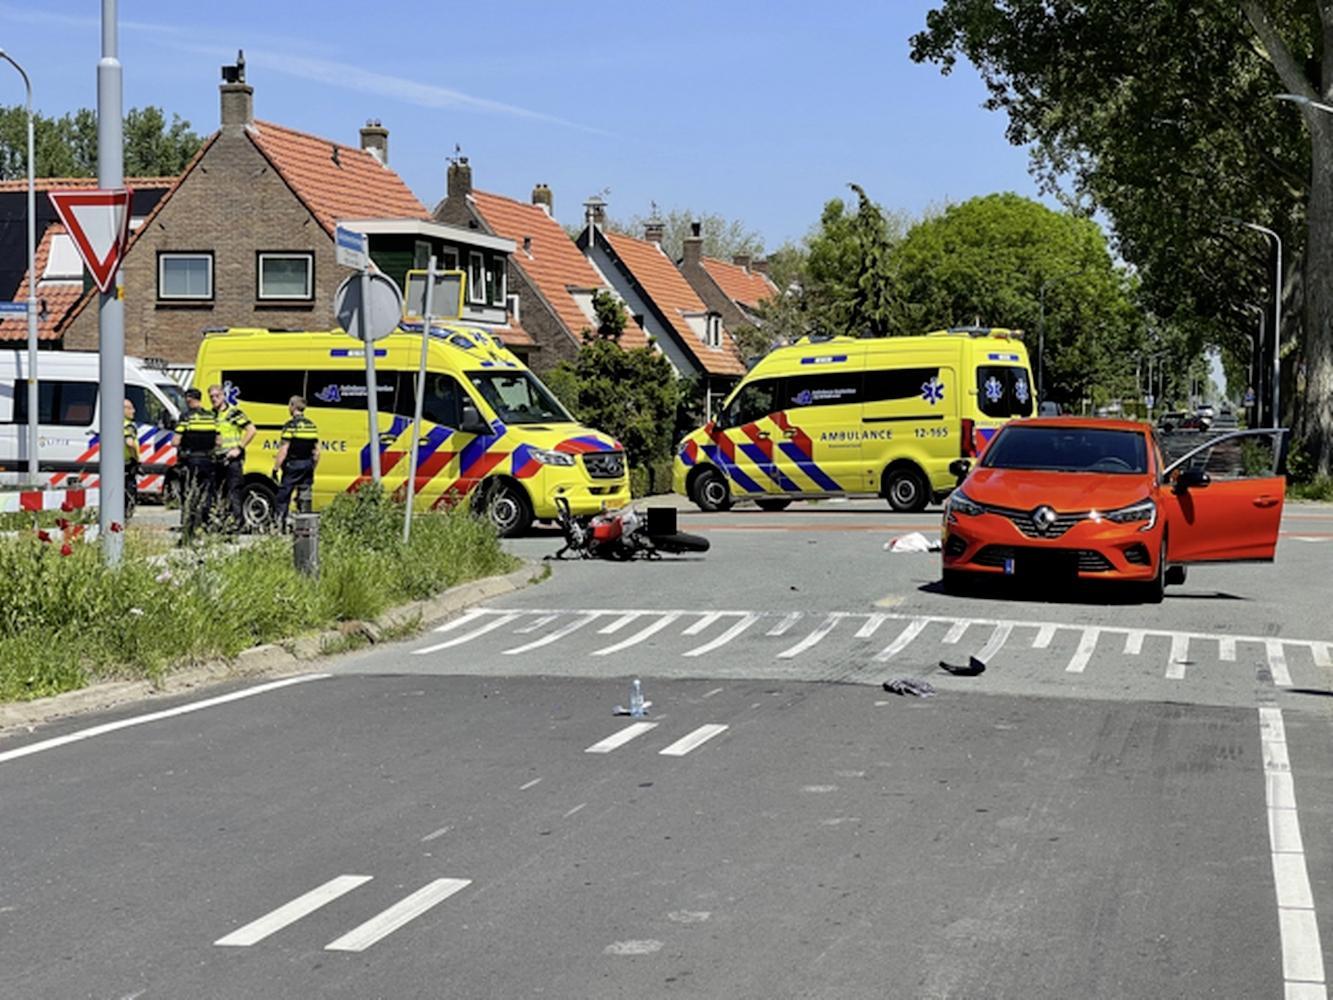 Brommerrijdster zwaargewond bij aanrijding in Rijsenhout, automobilist geboeid afgevoerd